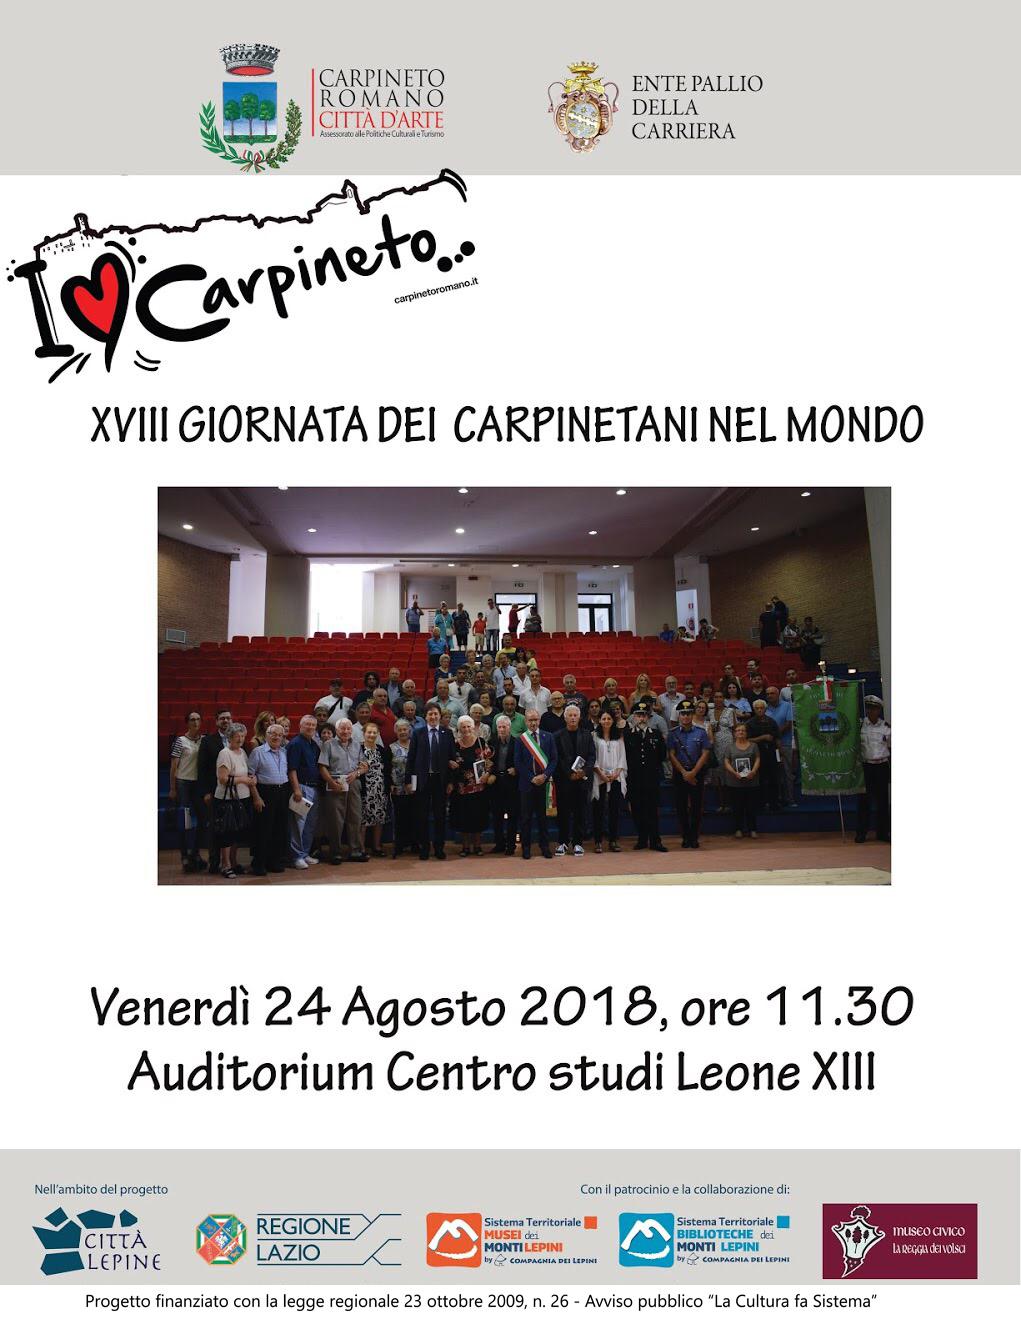 carpineto-xviii-giornata-dei-carpinetani-nel-mondo